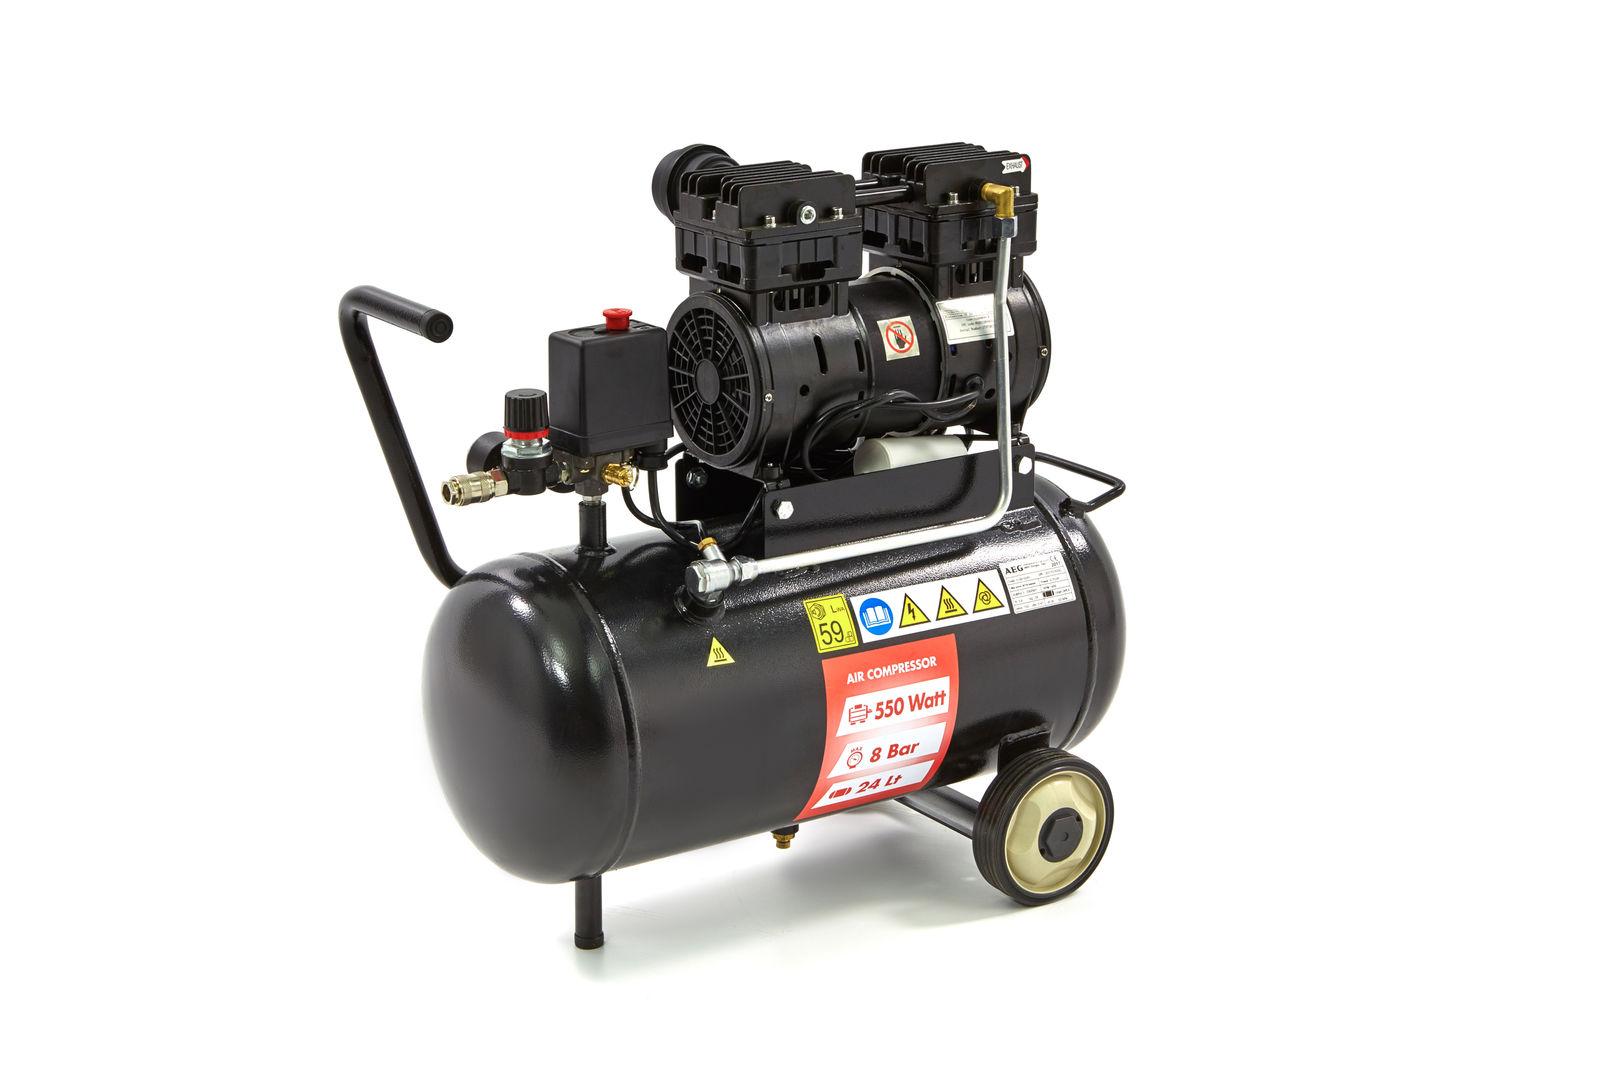 aeg super leiser kompressor mit 24 liter. Black Bedroom Furniture Sets. Home Design Ideas